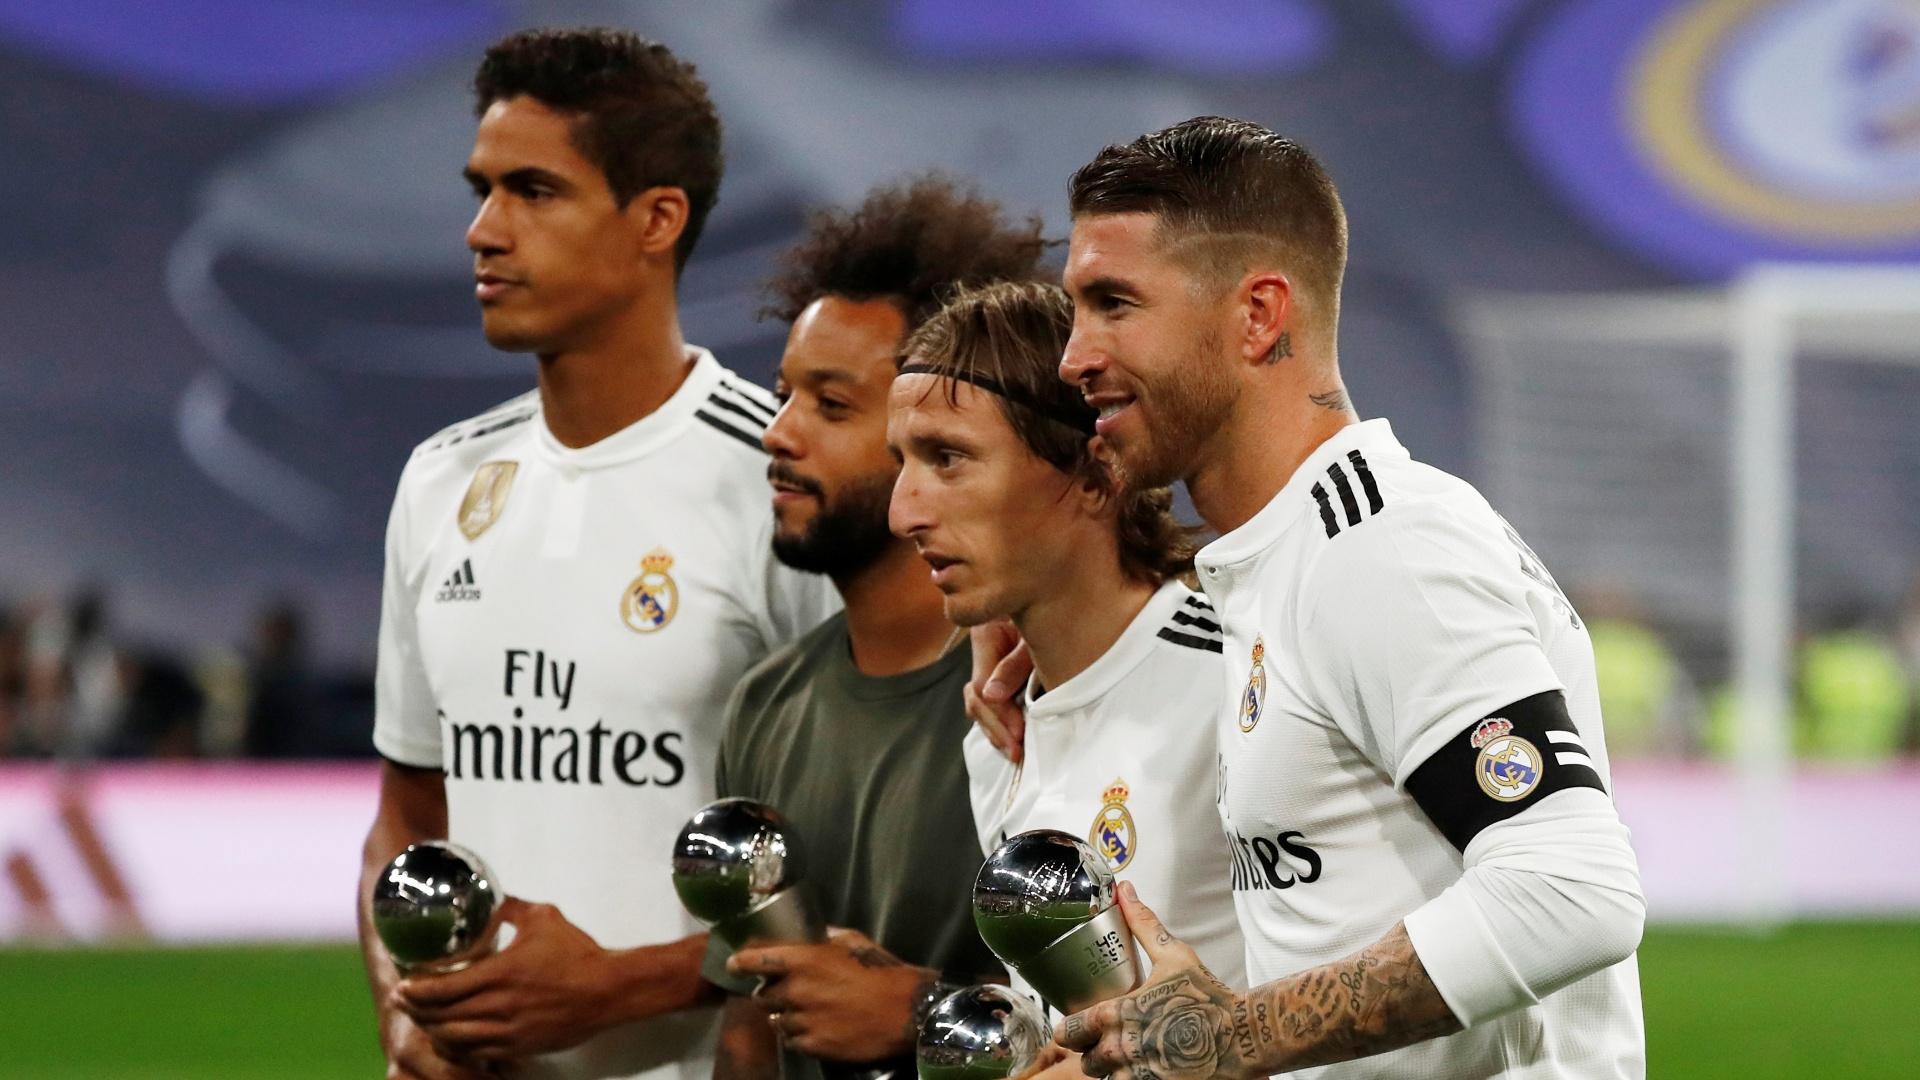 Melhores da temporada exibem troféus antes do clássico em Madri